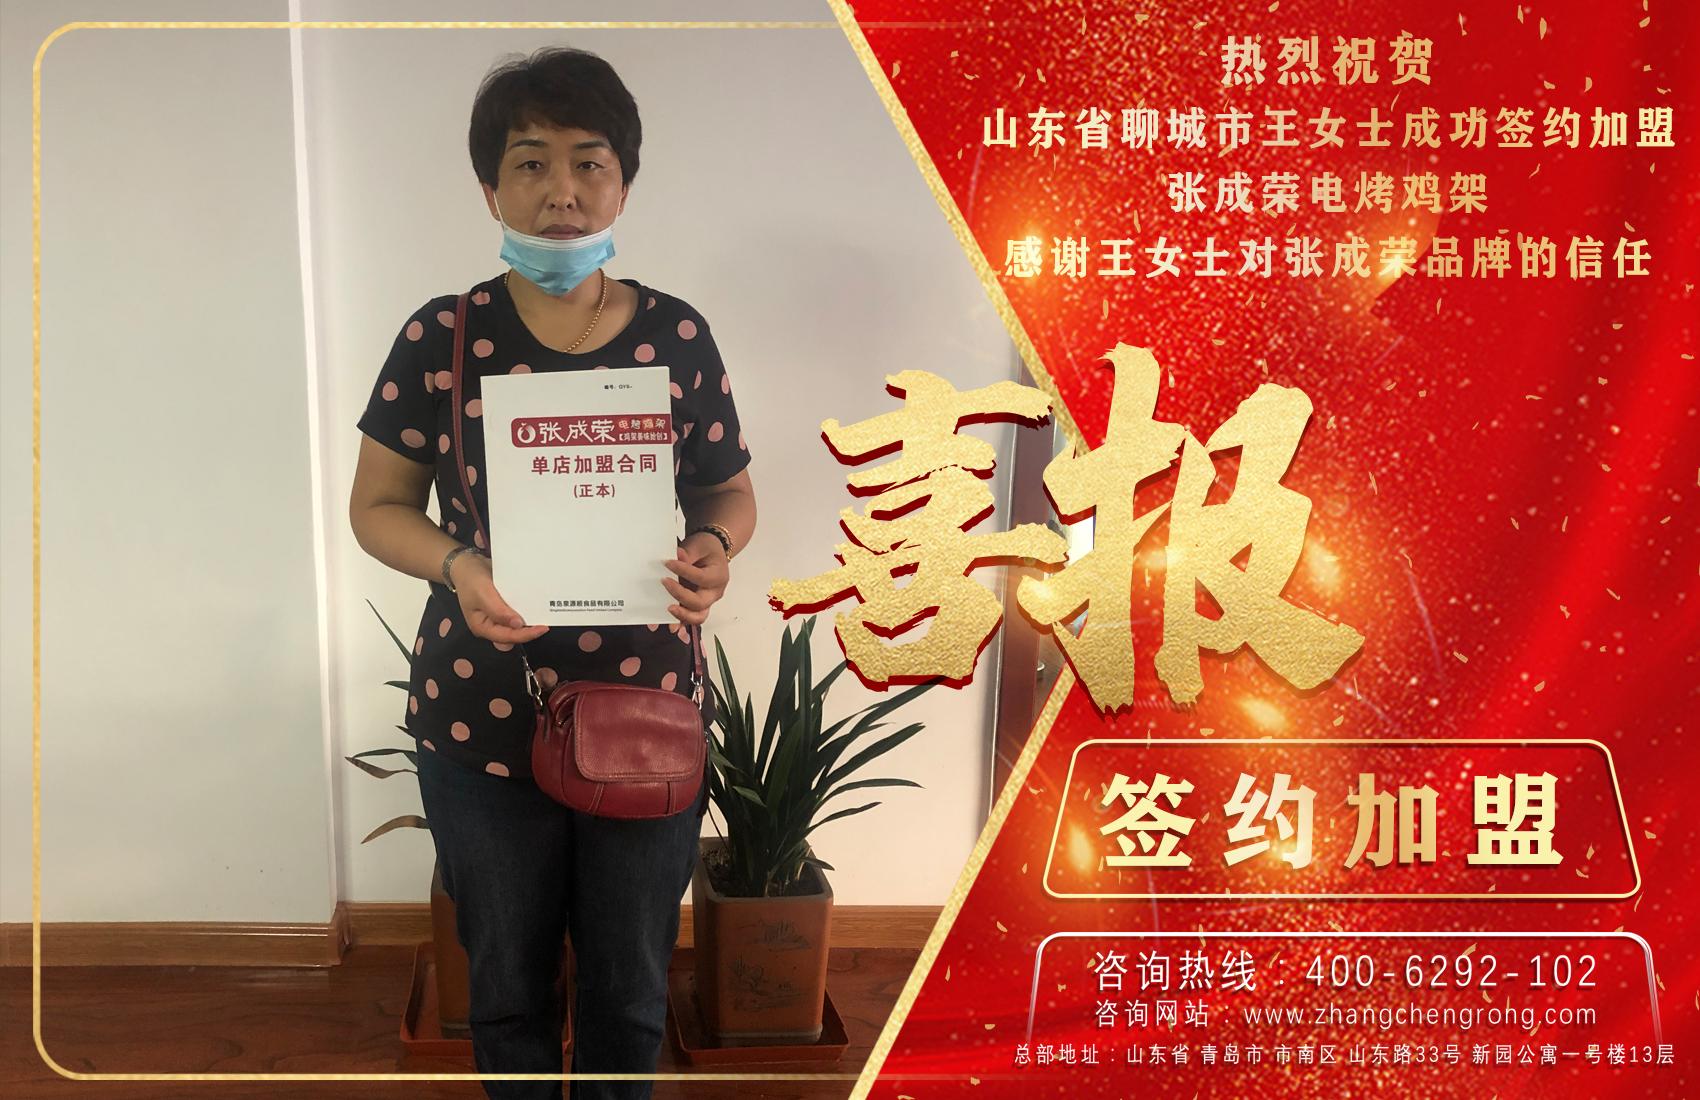 贺报:恭喜山东聊城王女士成功签约张成荣电烤鸡架项目!